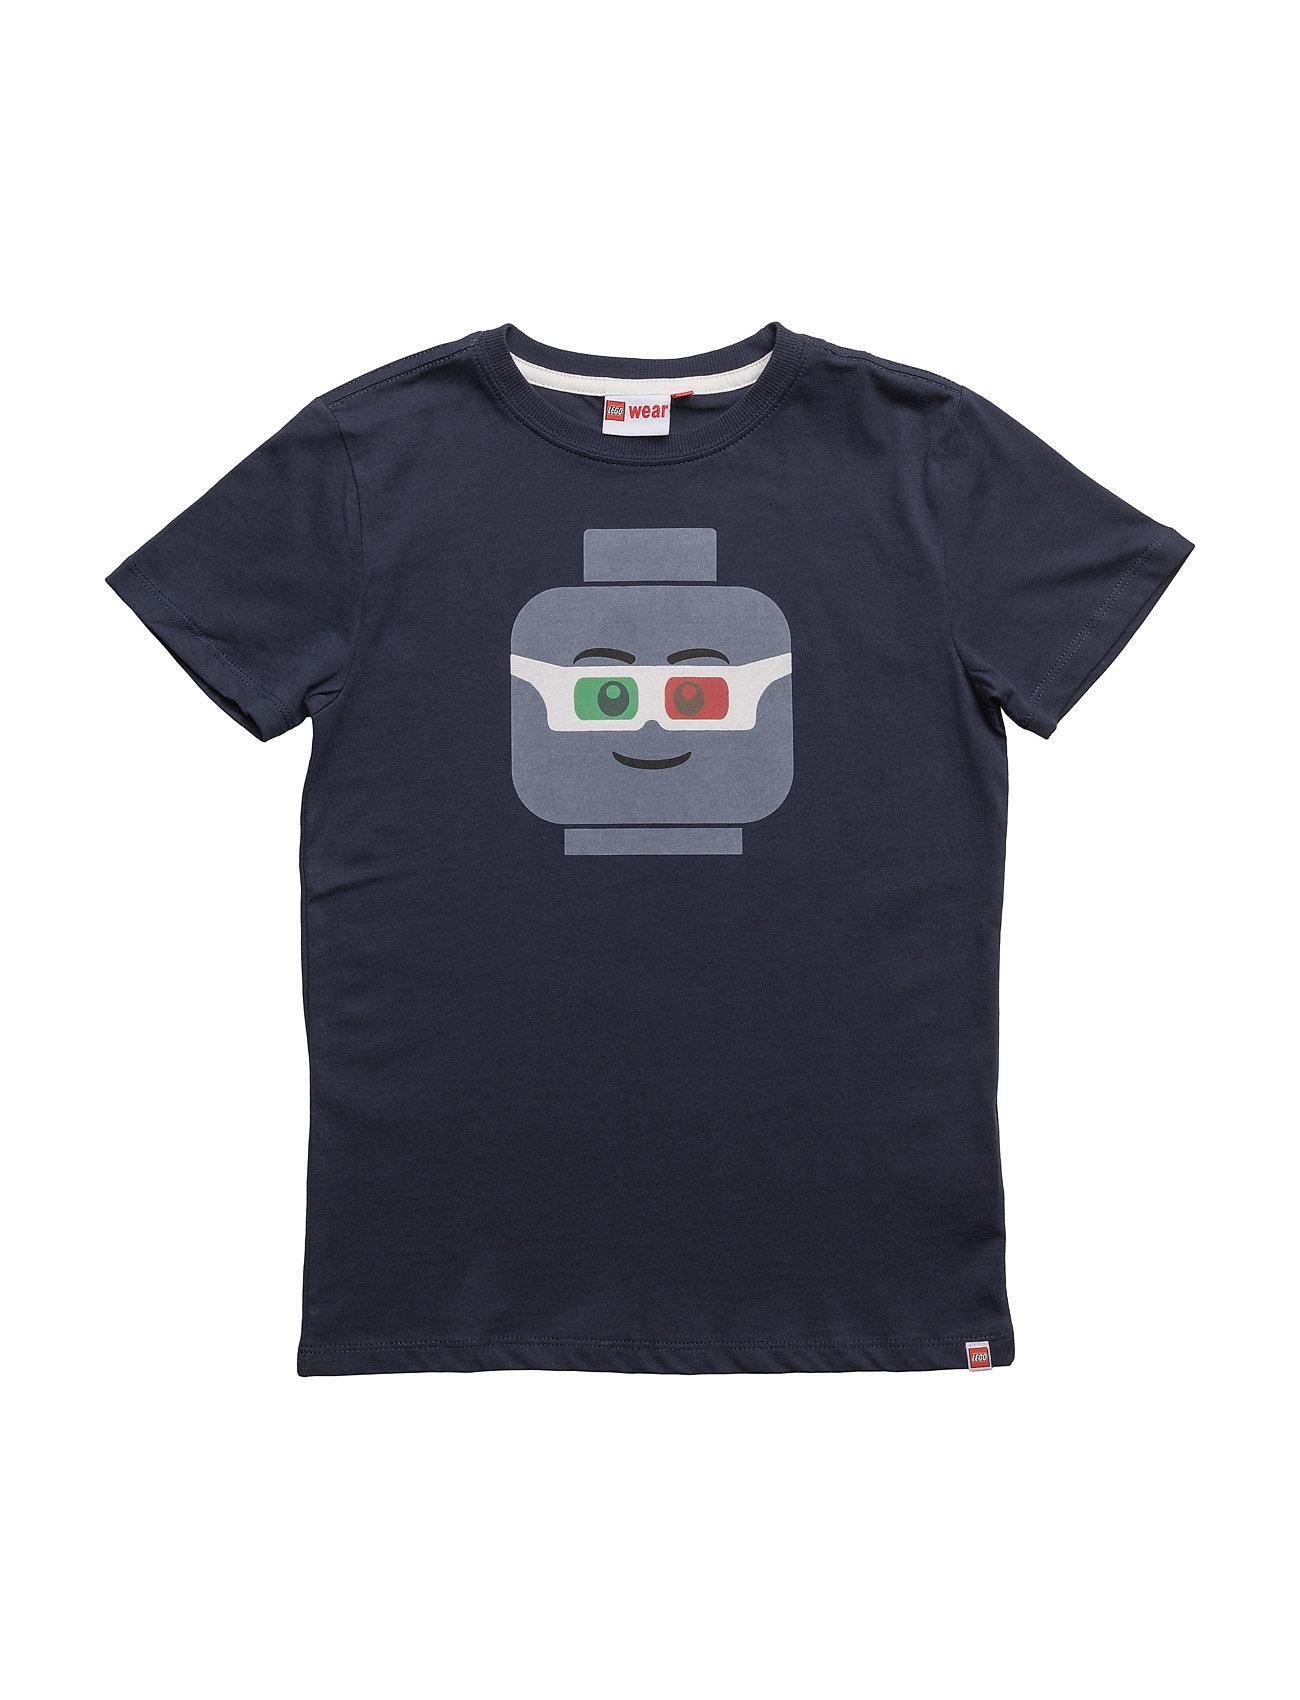 Teo 504 - T-Shirt S/S Lego wear Kortærmede t-shirts til Børn i Mørk Navy